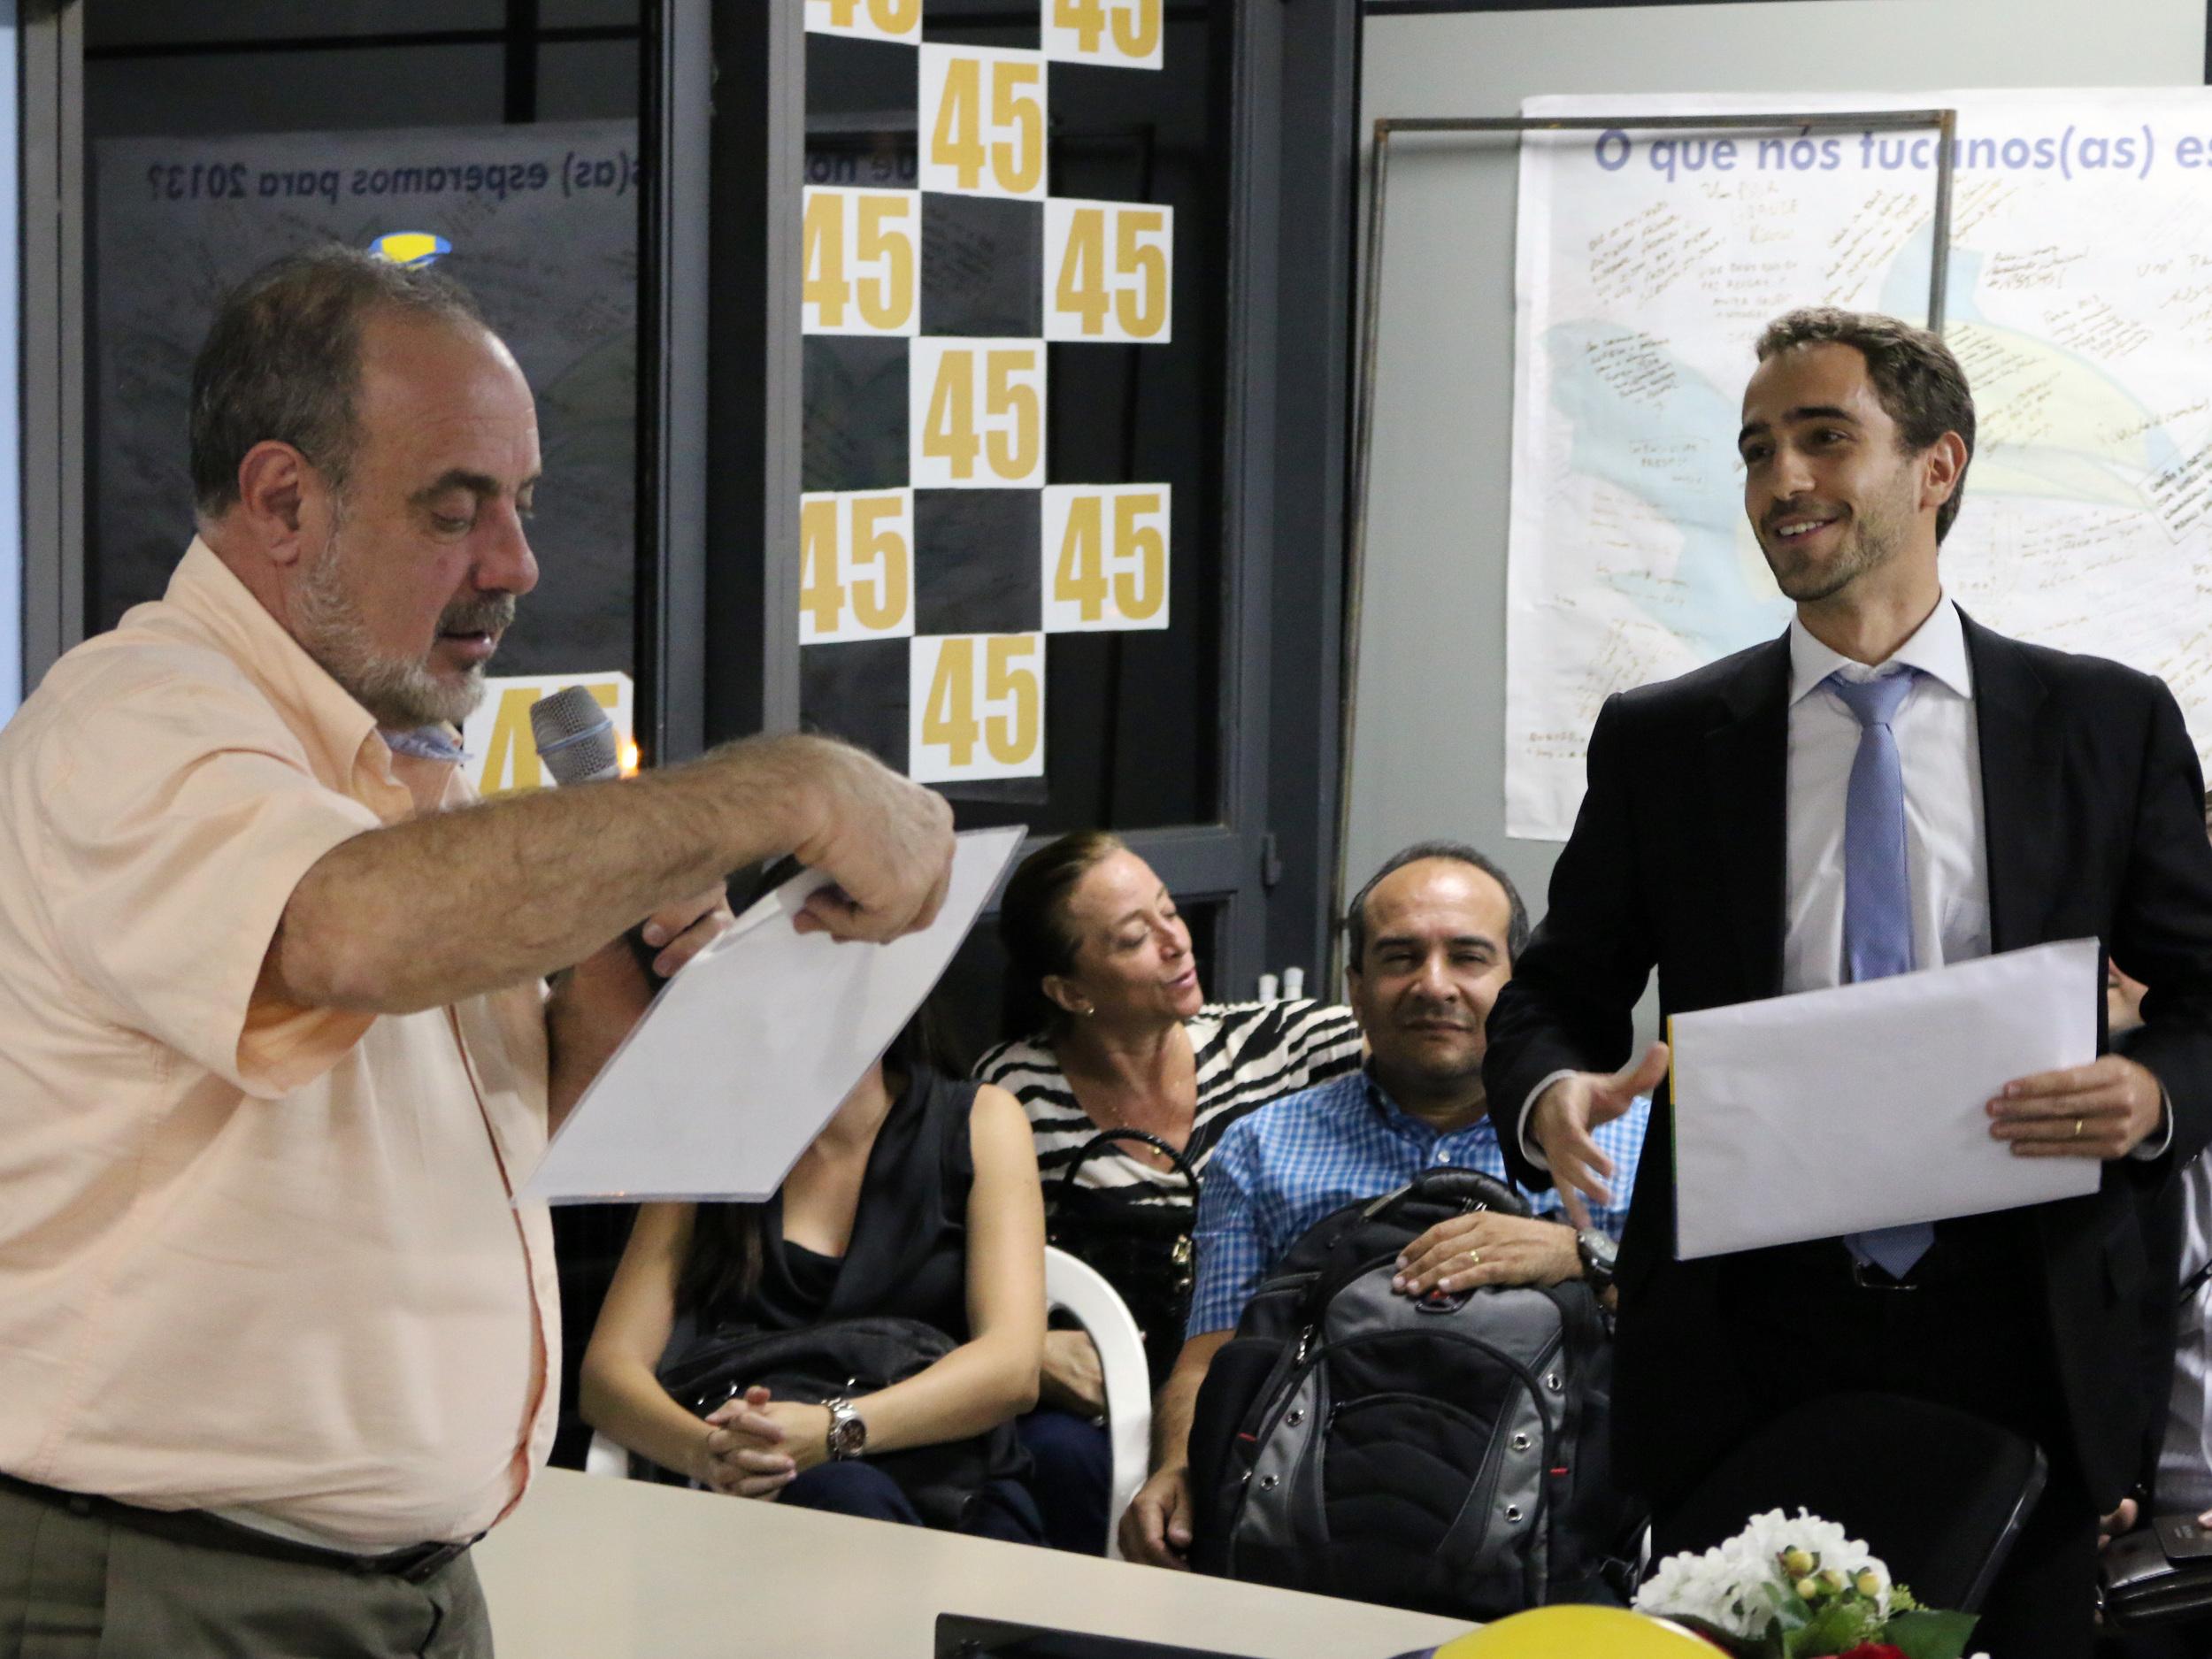 Matheus Azevedo entrega material de apresentação da Carreira de EPPGG a Fuad Noman. Foto: Filipe Calmon / ANESP